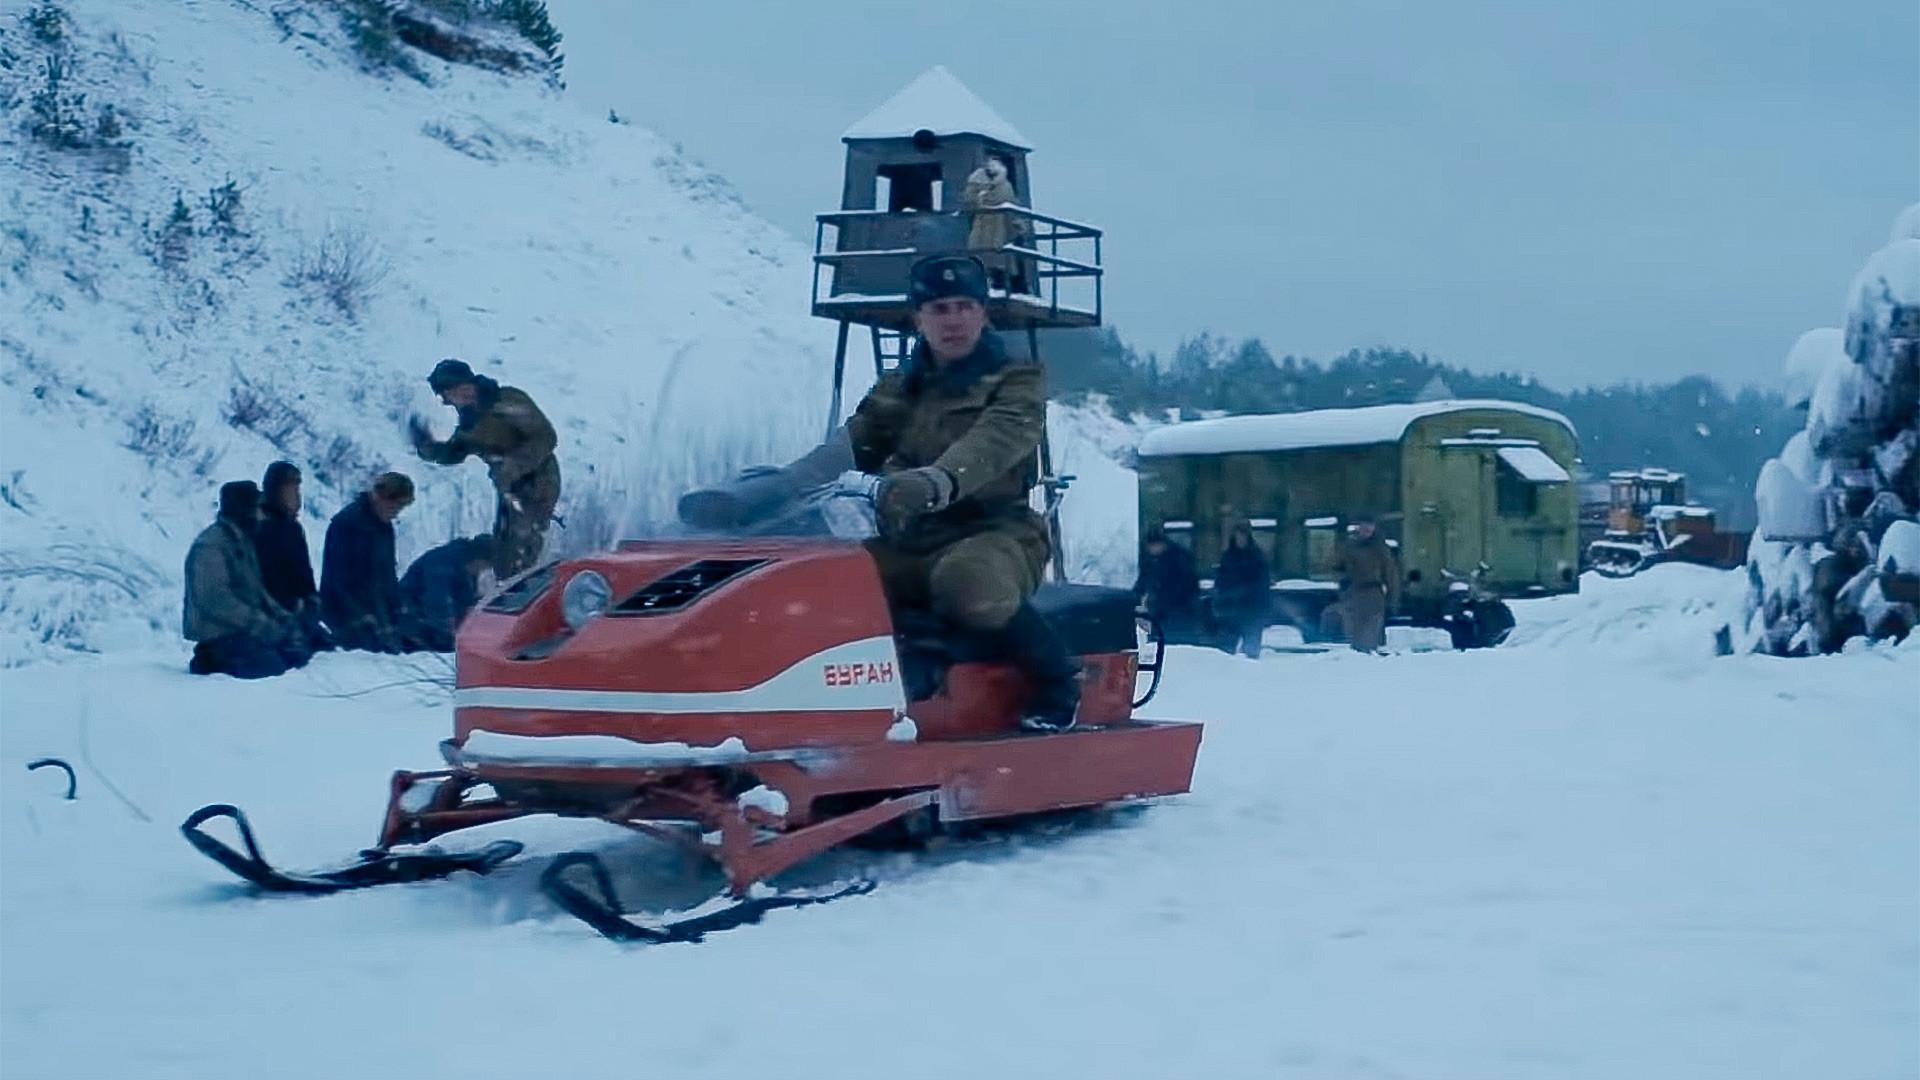 Uno de los errores es que las motos de nieve Buran empezaron a ser fabricadas en 1971